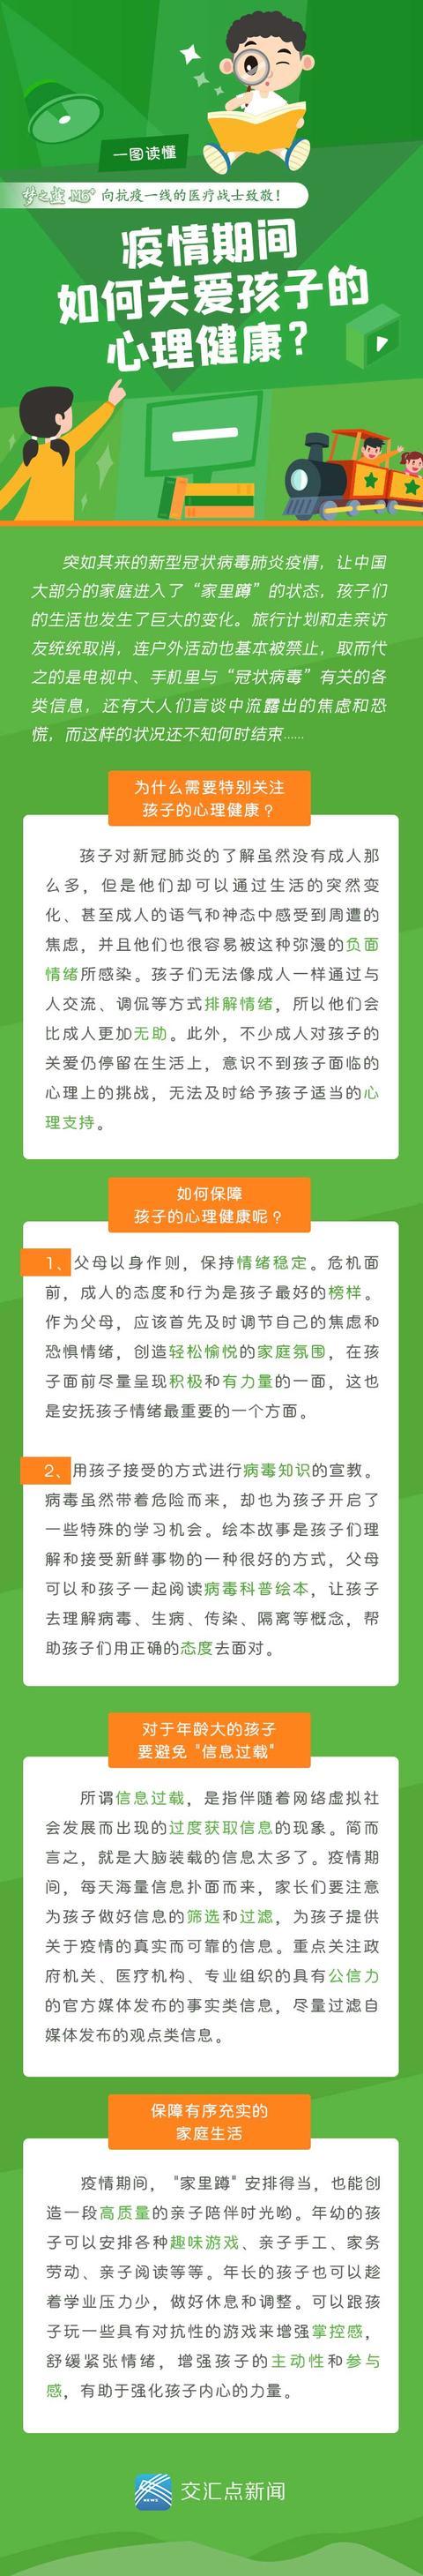 【健康北京】一图读懂 心理健康促进行动